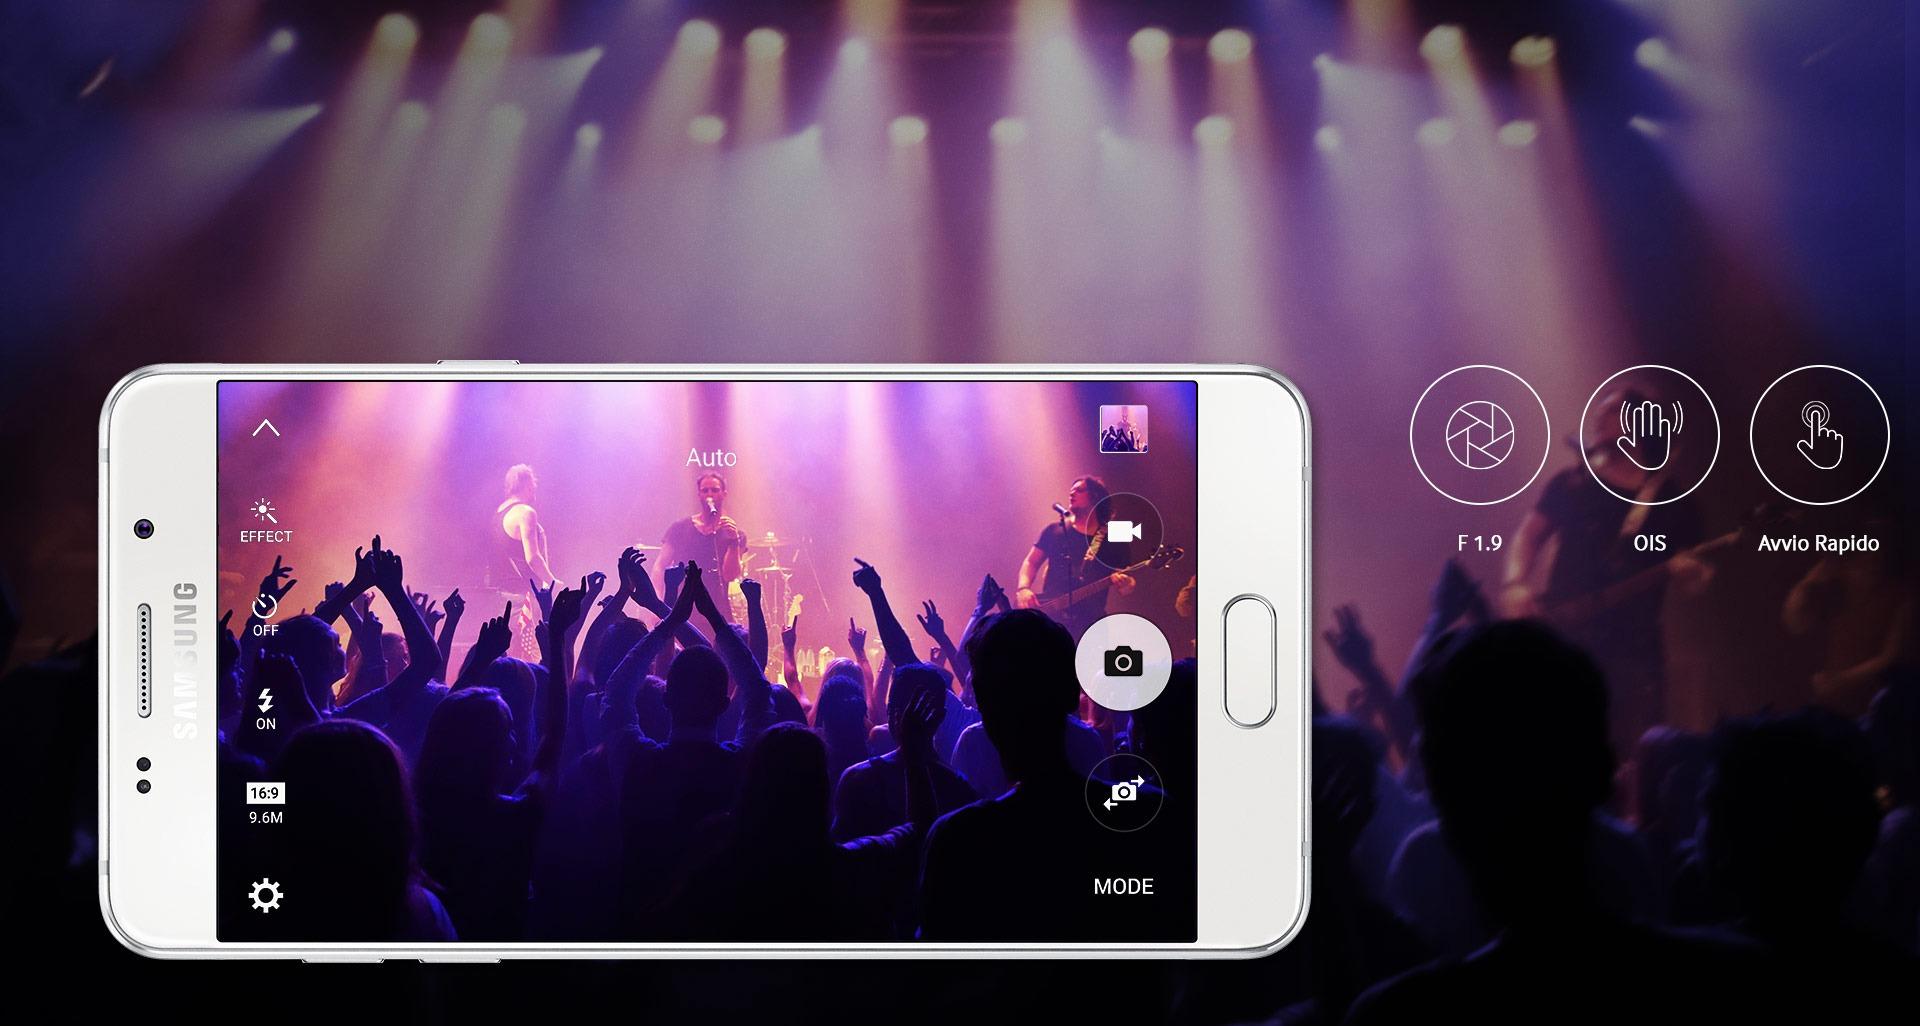 Recensione Samsung Galaxy A5 2016 foto